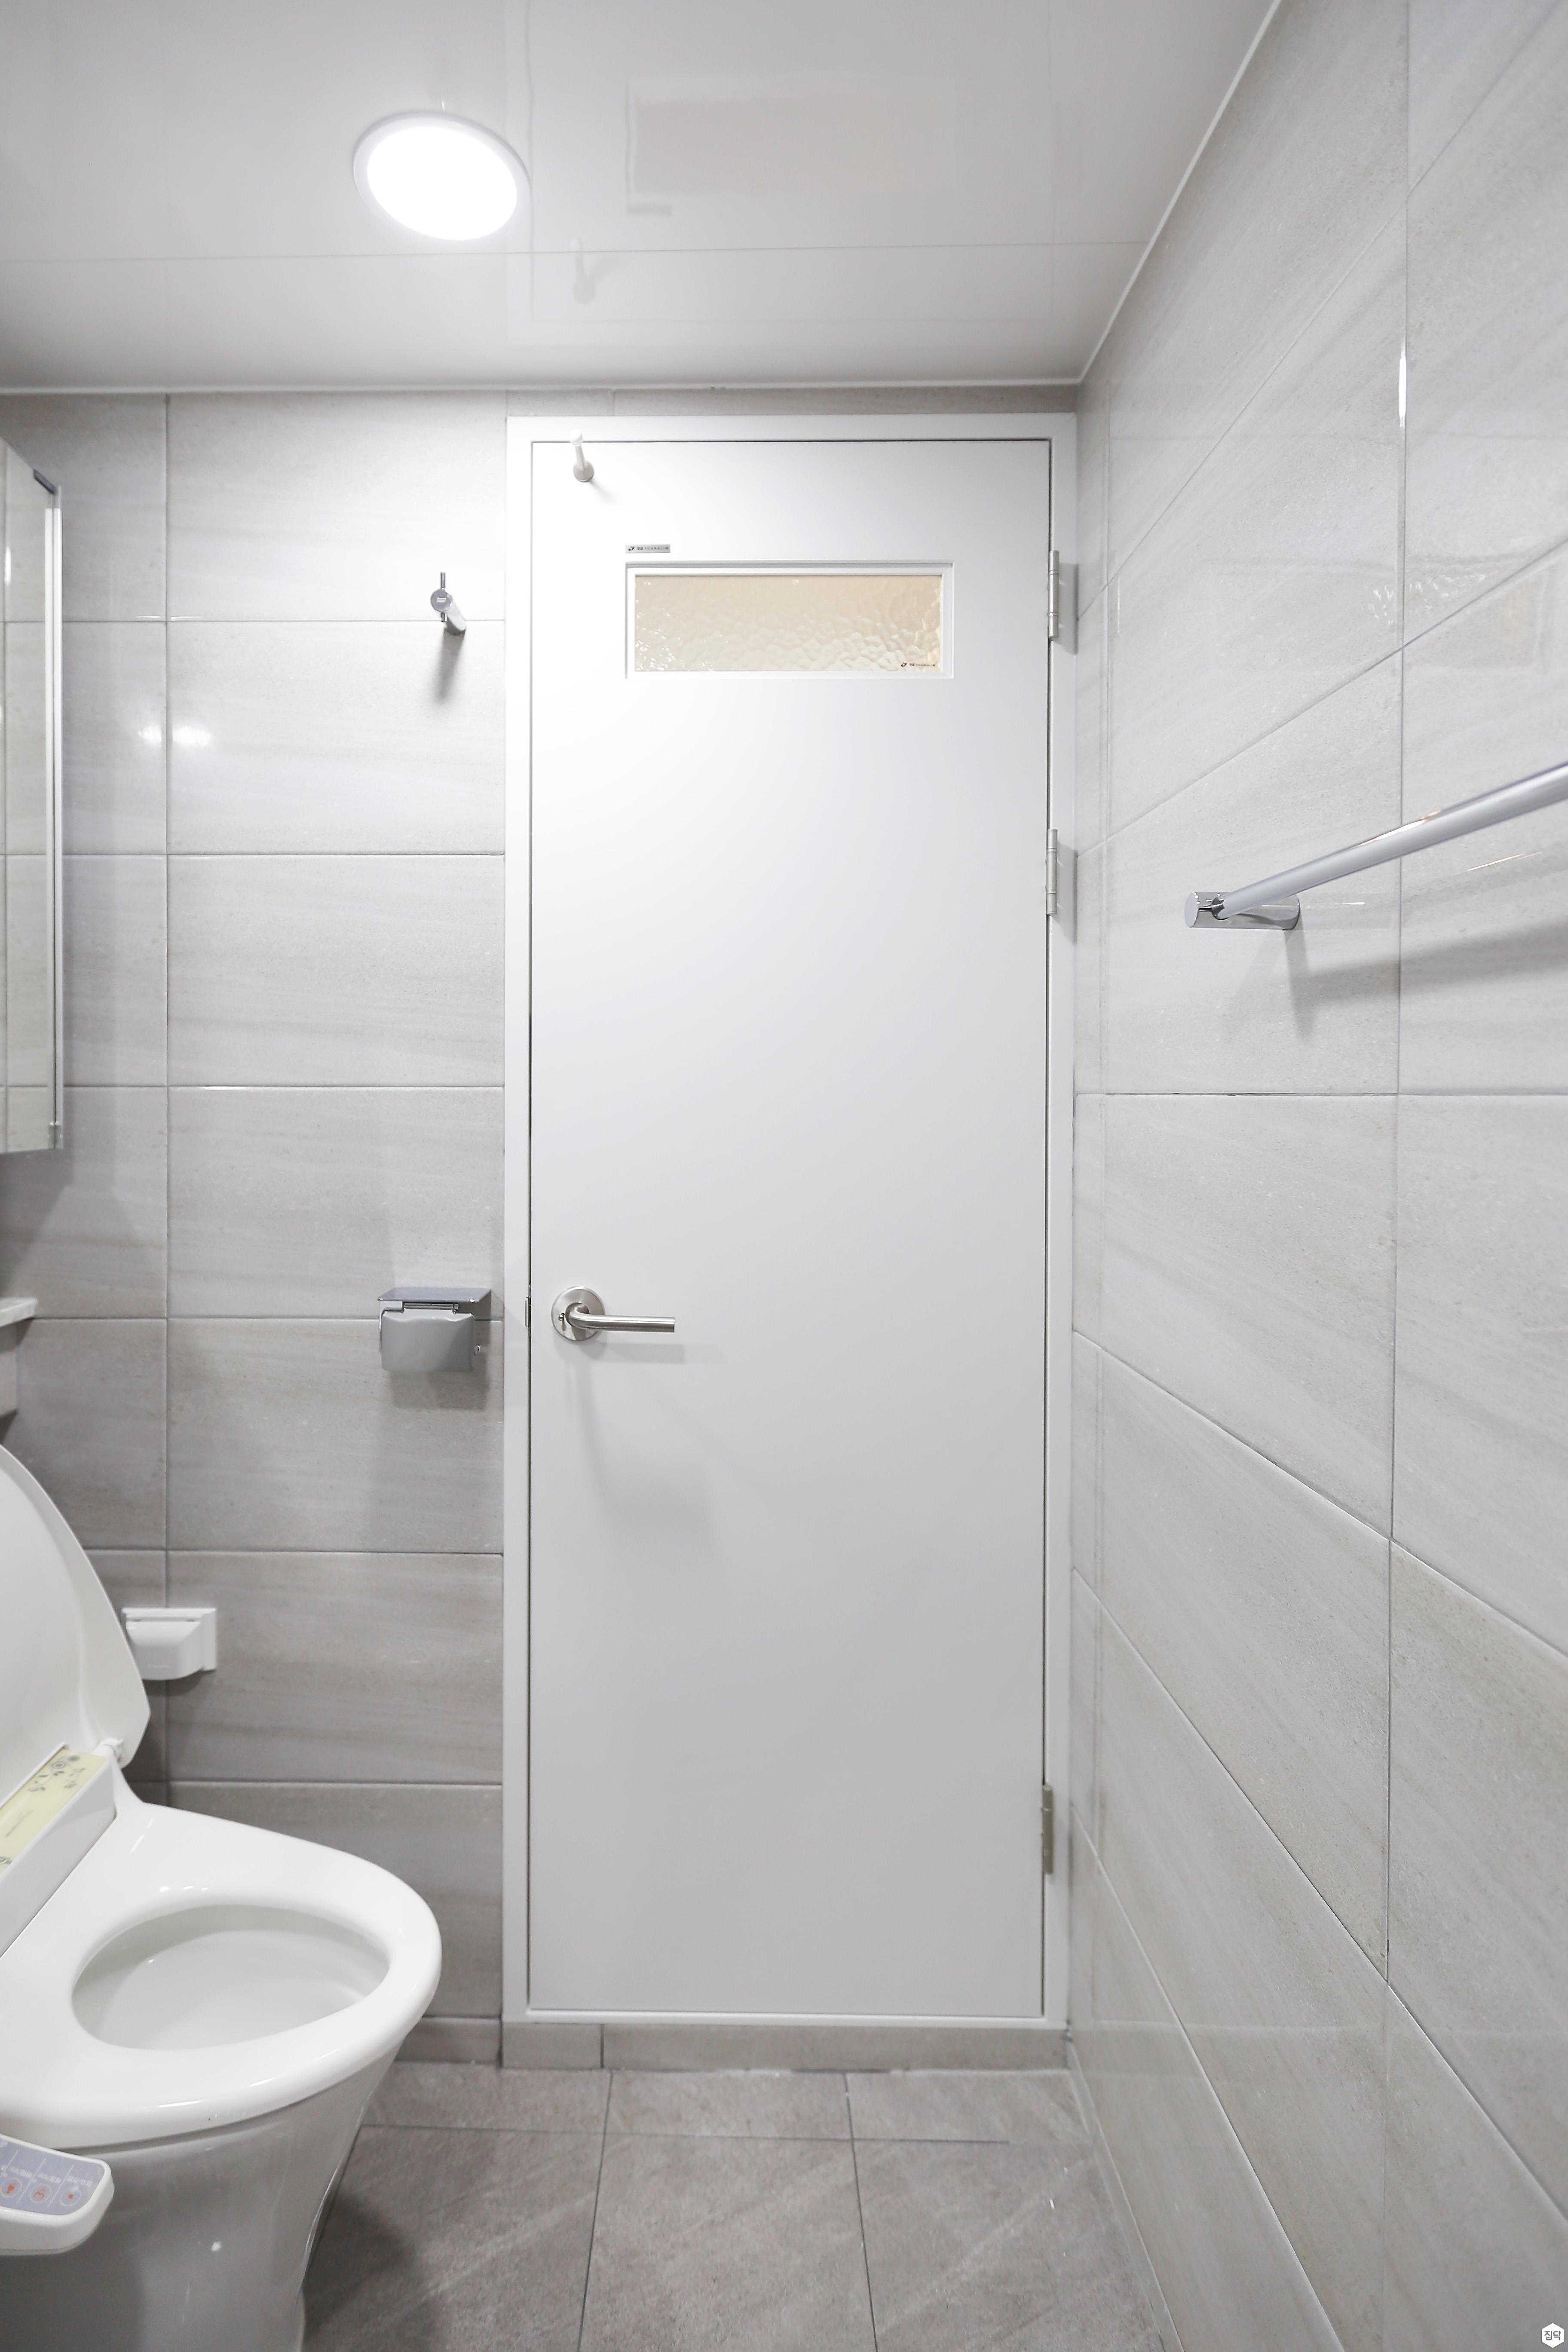 아이보리,심플,욕실,화장실,욕실타일